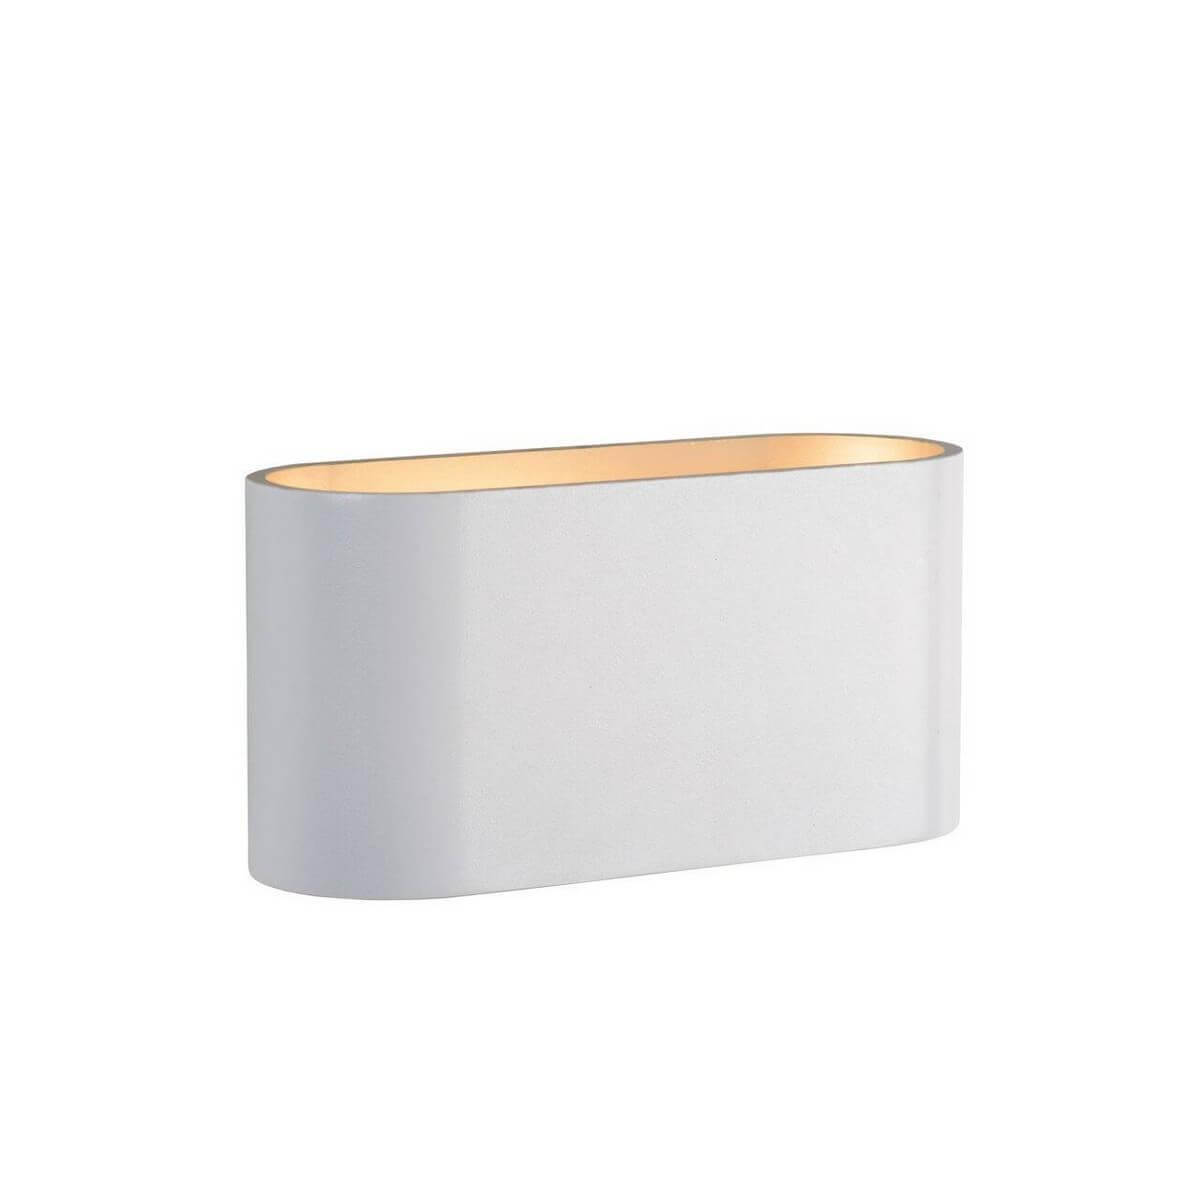 Настенный светильник Lucide 23254/01/31, G9, 25 Вт настенный светильник lucide xera 23253 01 30